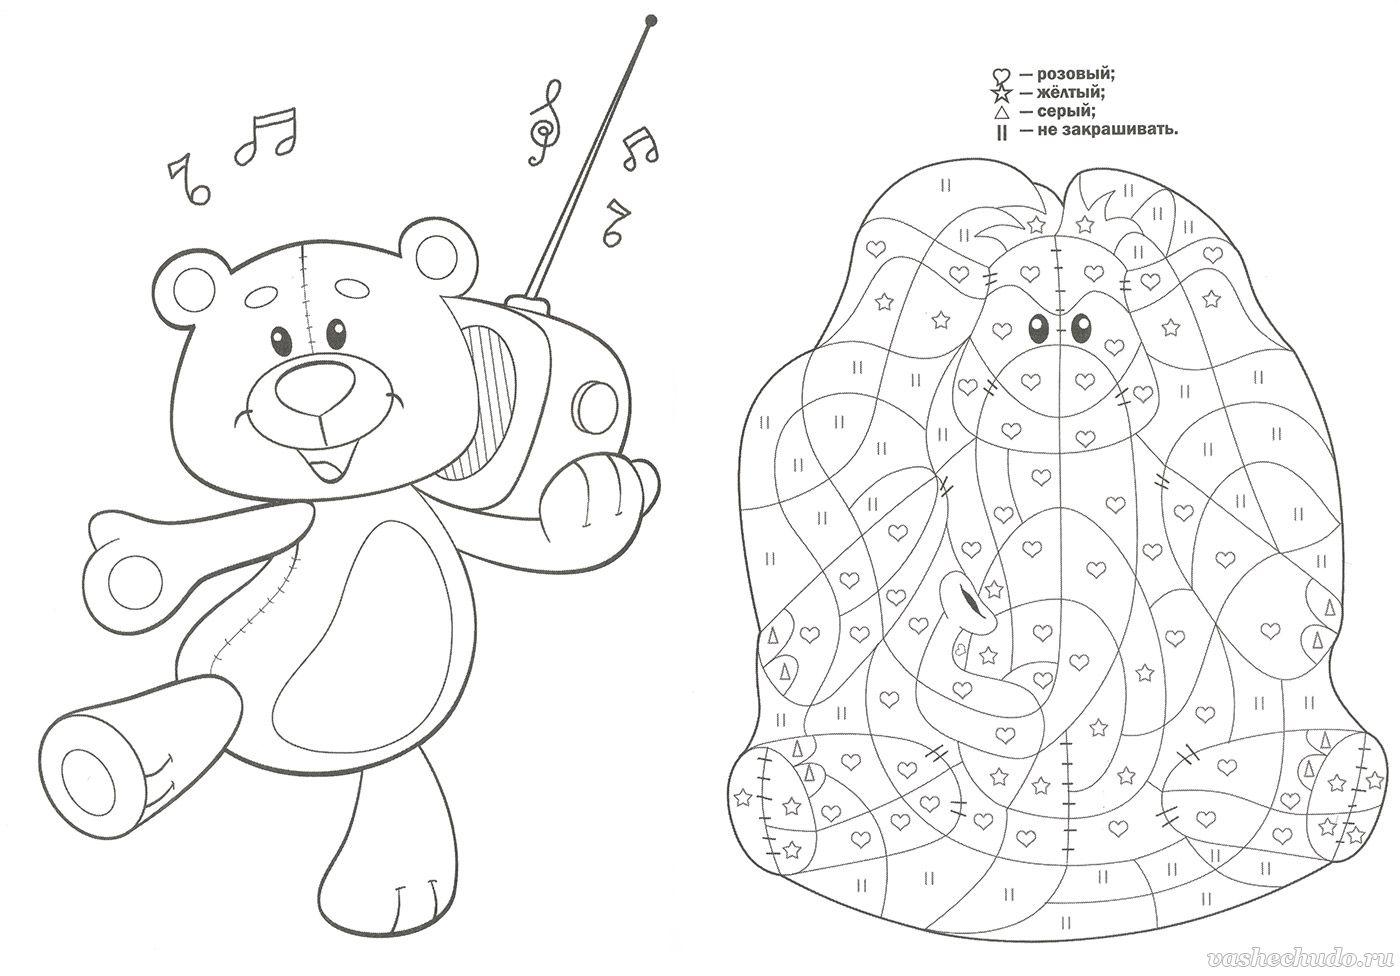 раскраски задания для детей 5 6 лет распечатать бесплатно